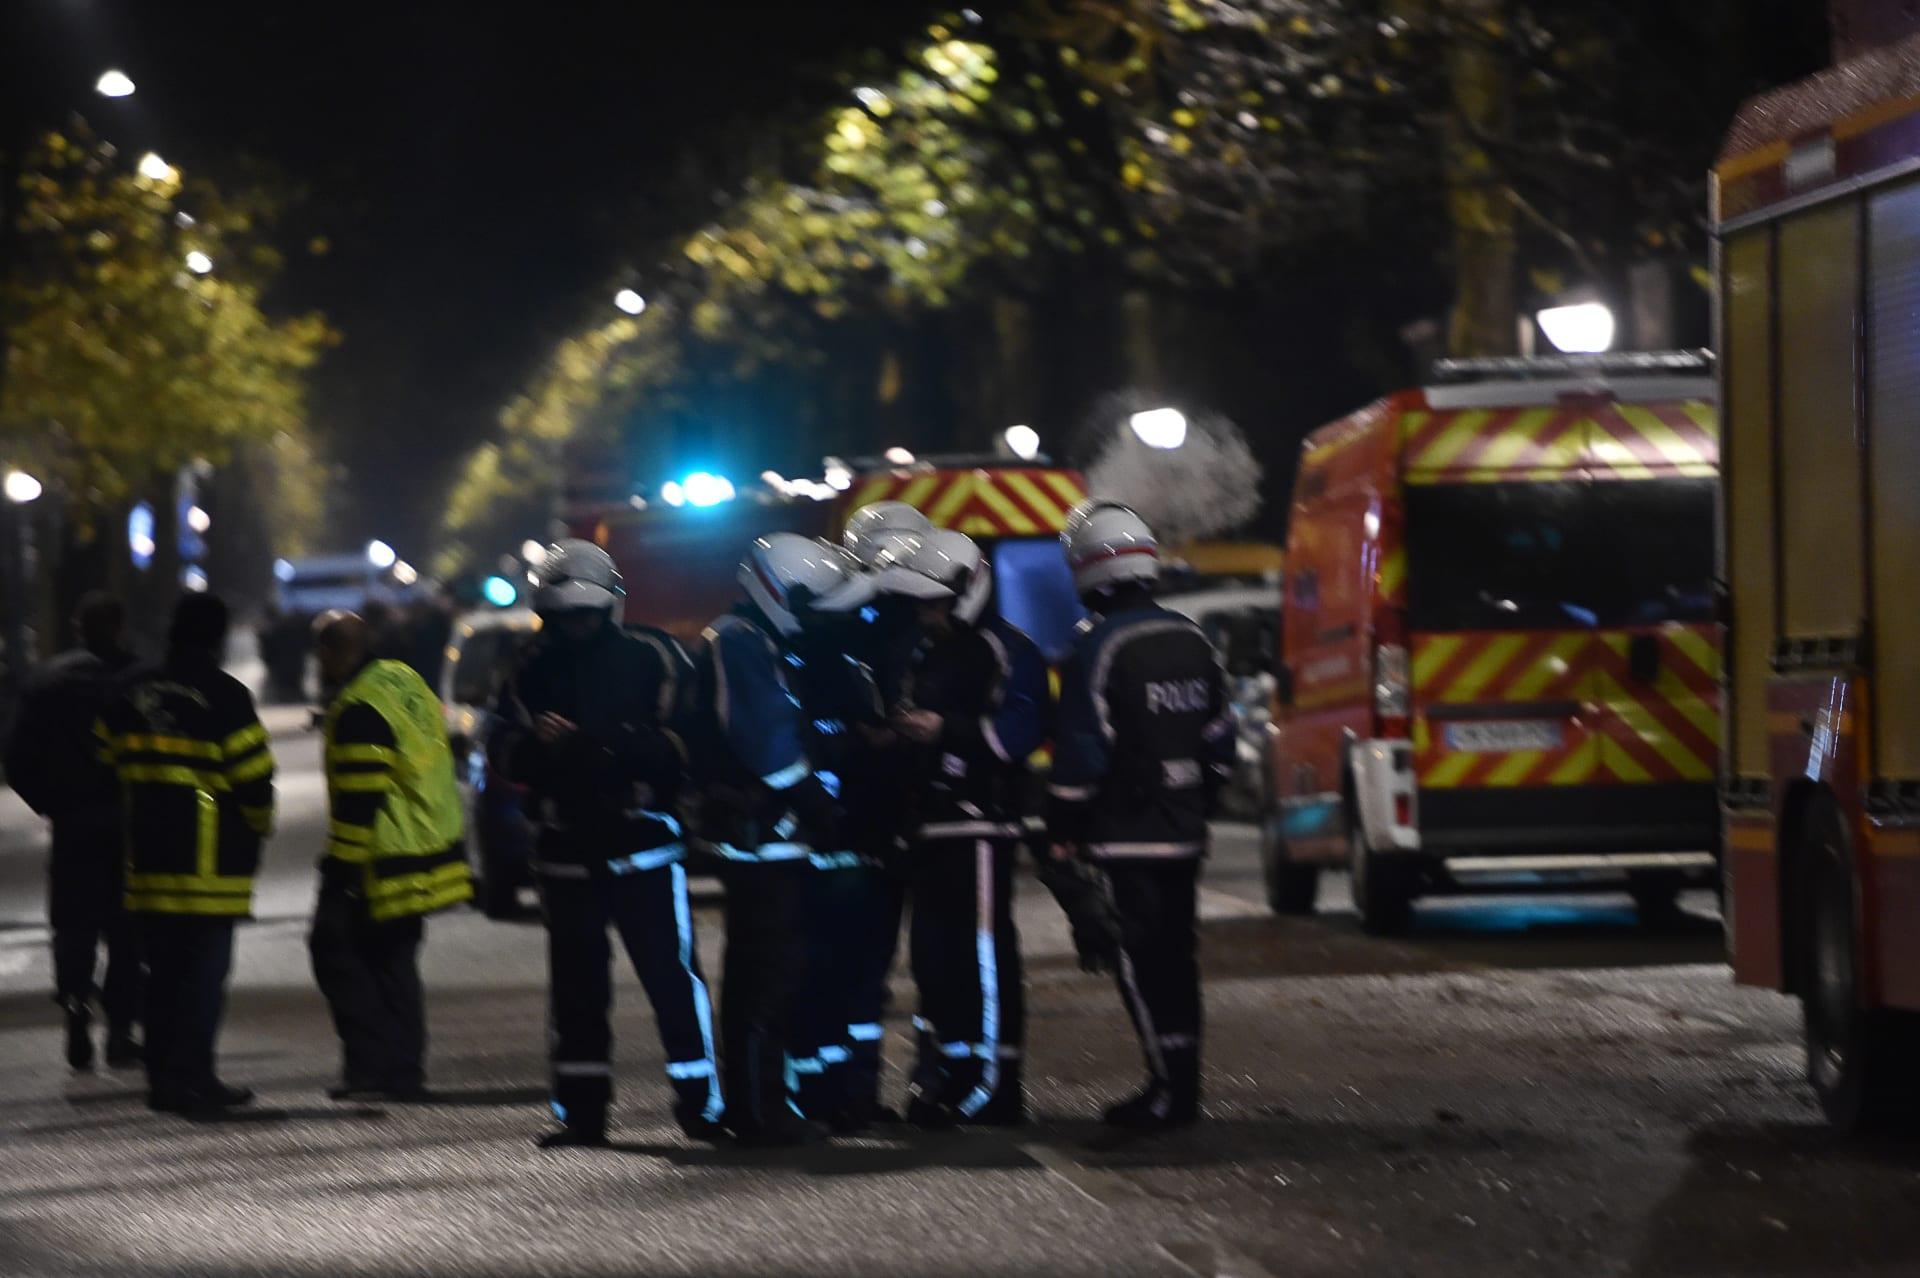 مسلح يحتجز رهائن في عملية سطو تطورت في بلدة بشمال فرنسا